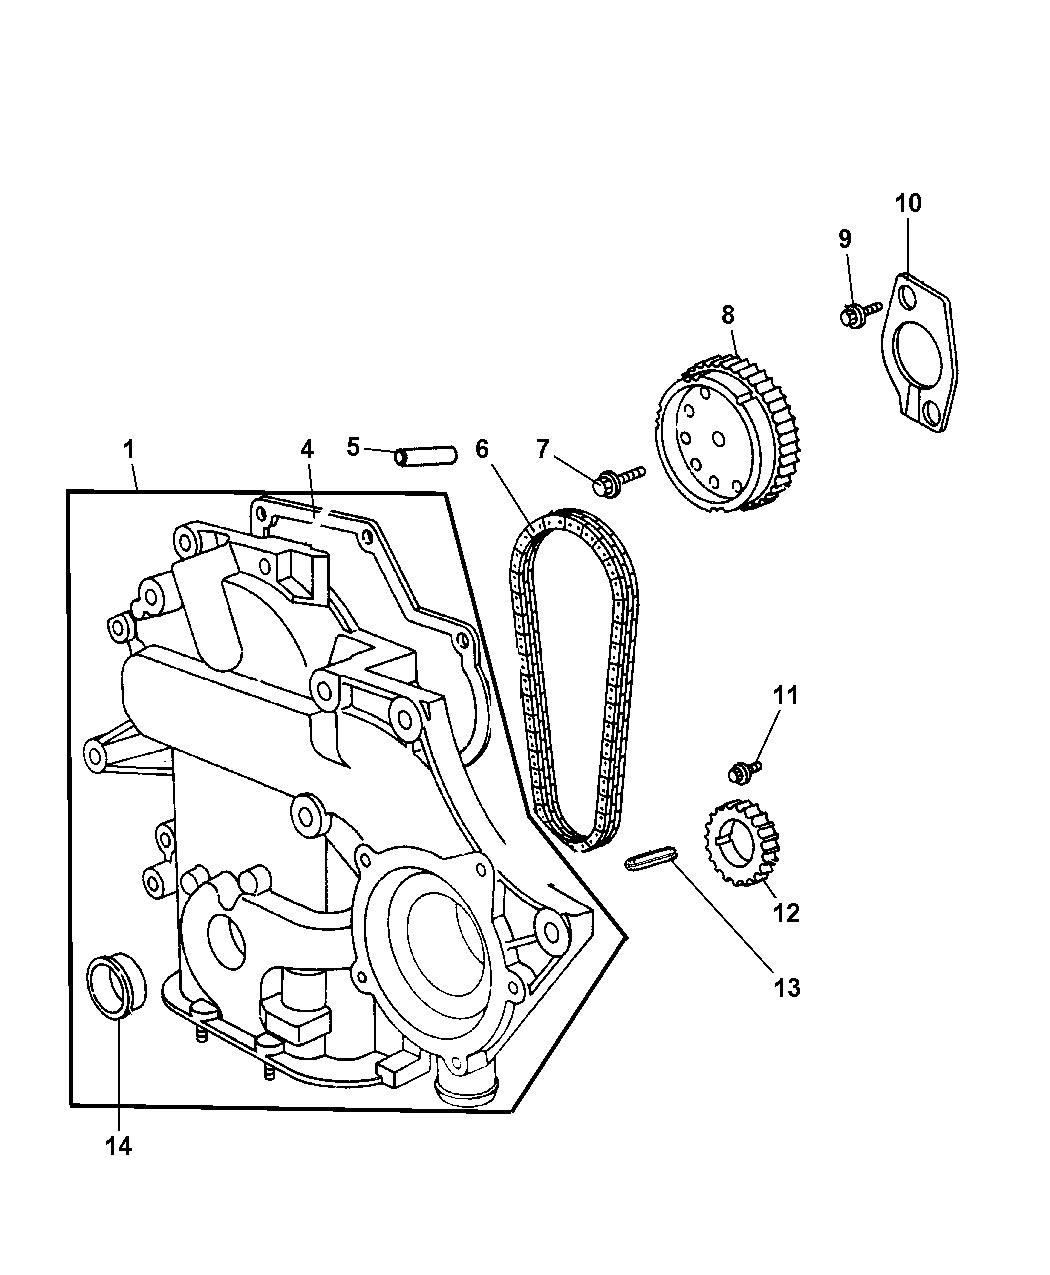 2004 Dodge Caravan Timing Chain Cover Mopar Parts Giant Engine Schematics Thumbnail 1